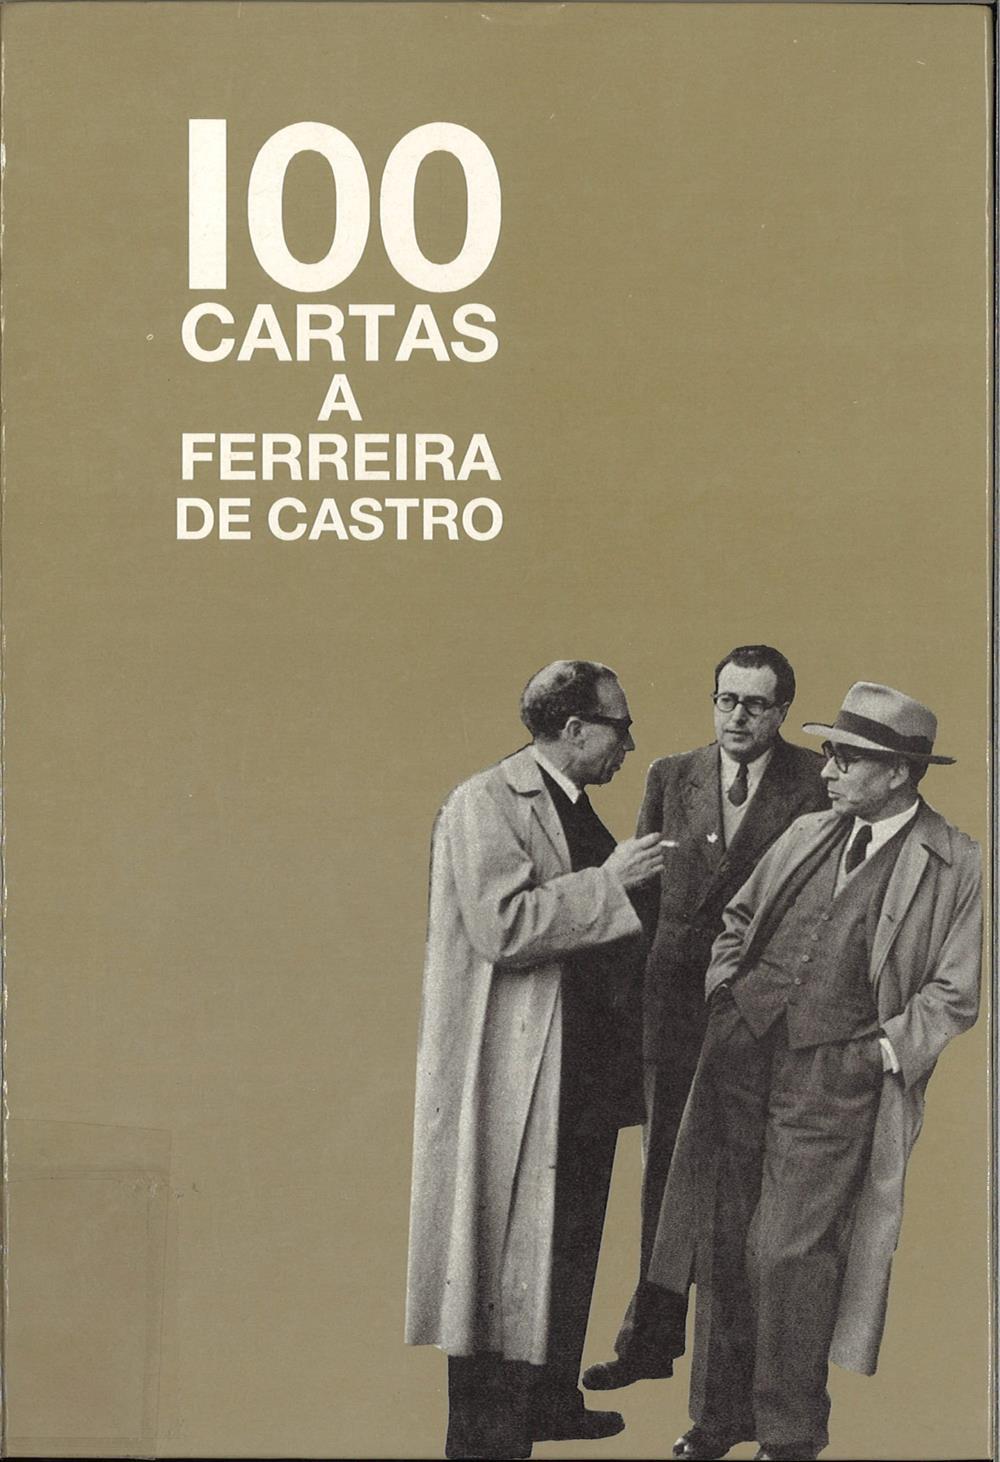 100 cartas a Ferreira de Castro.jpg